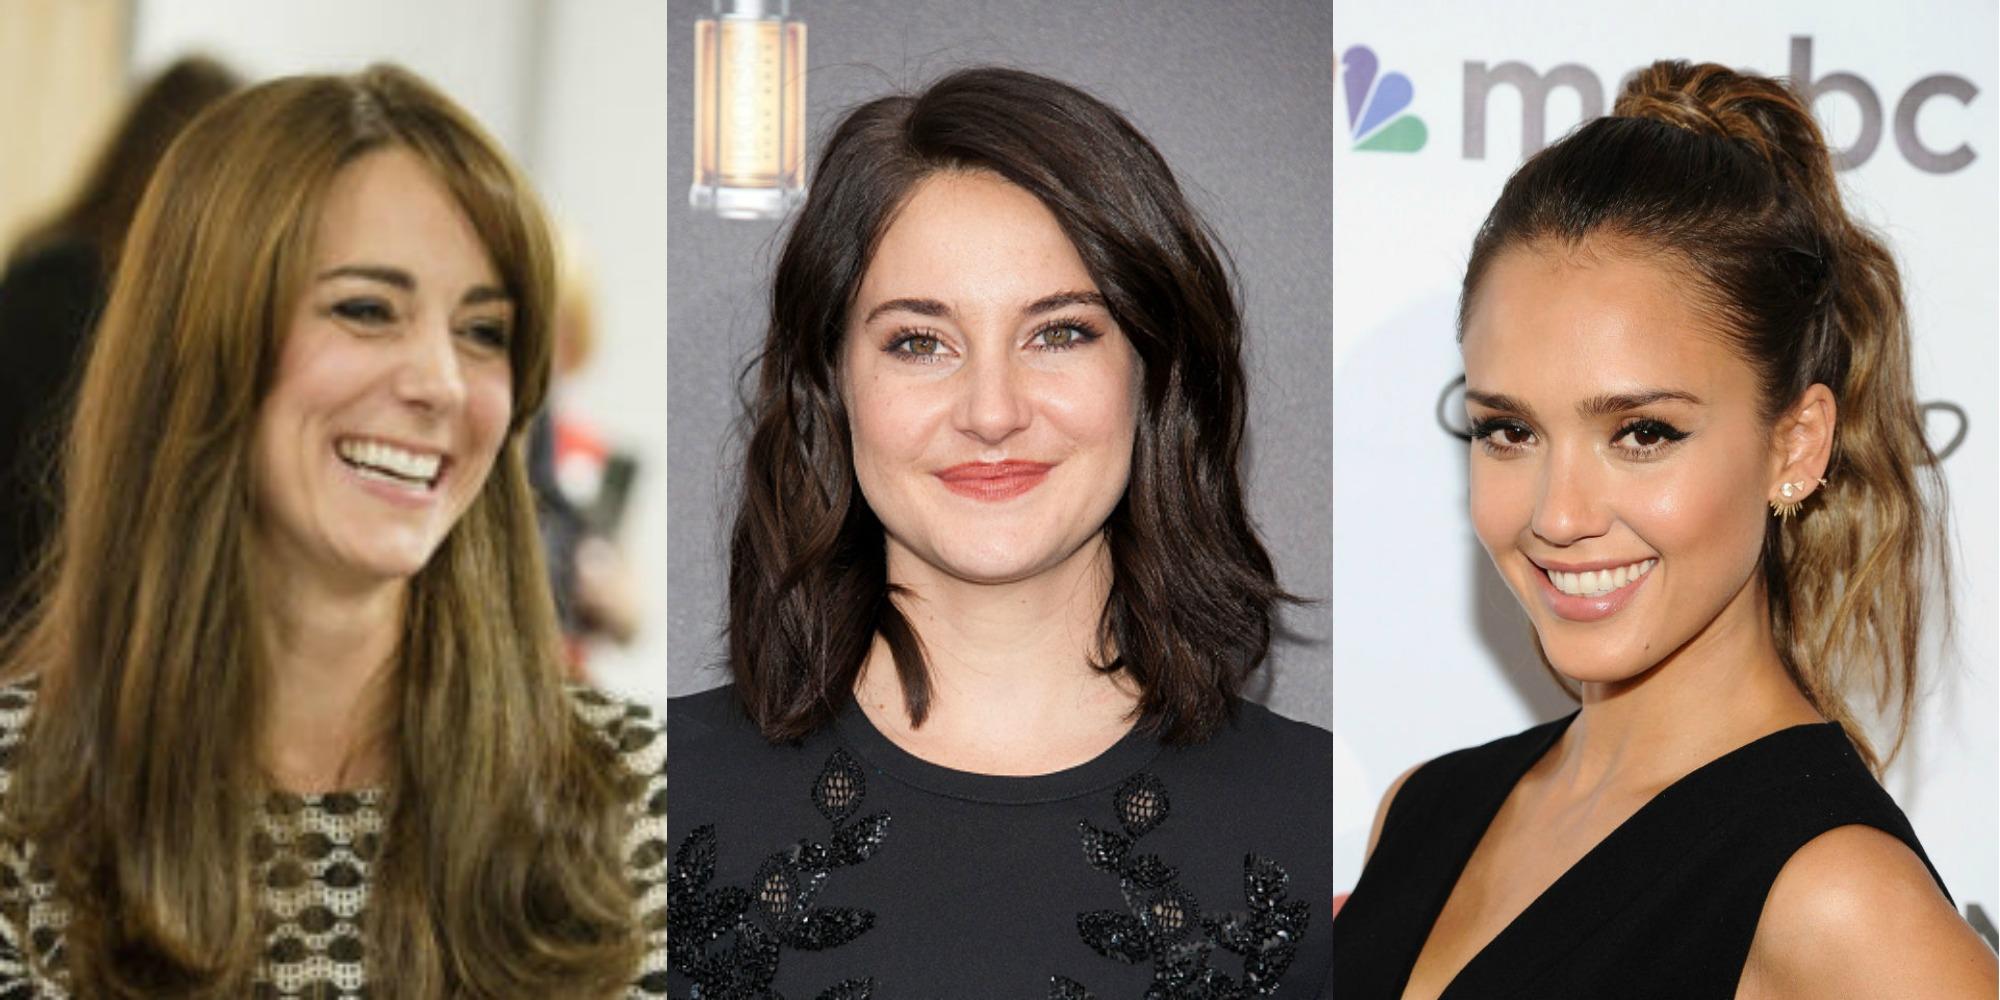 25 Best Brown Hair Color Ideas - Brunette Celebrities Hair ...